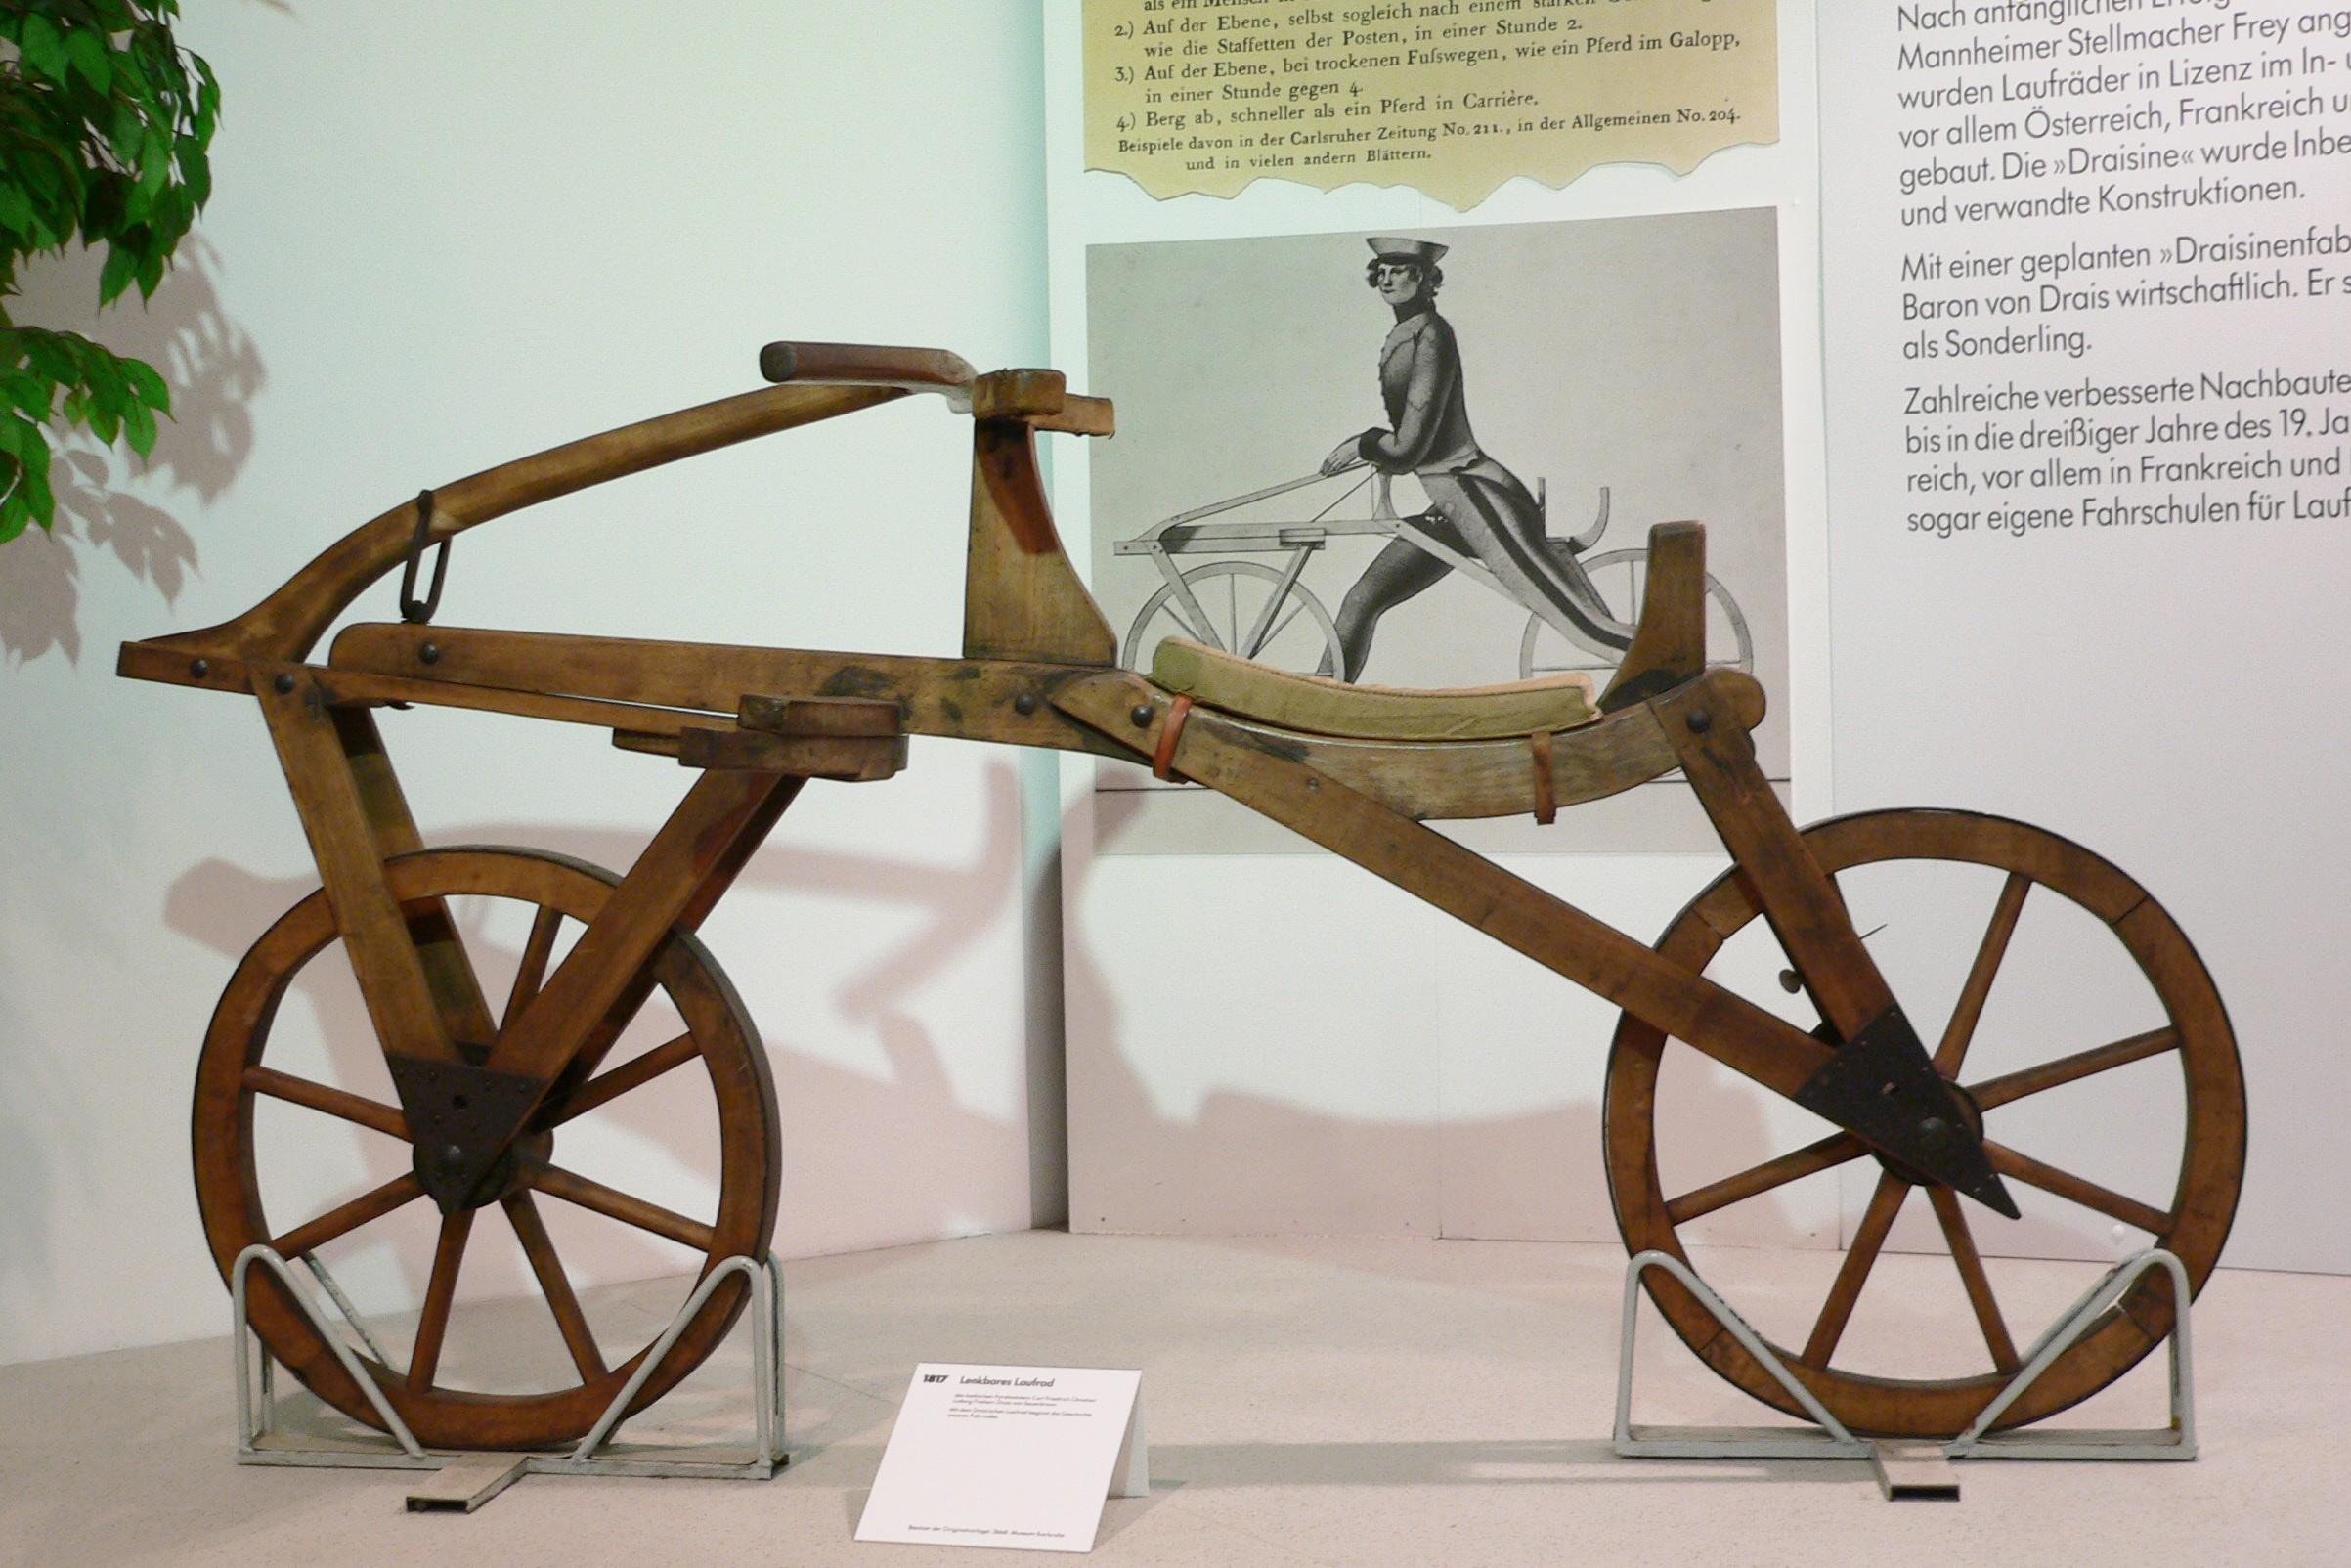 Draisine – 최초의 자전거와 여성